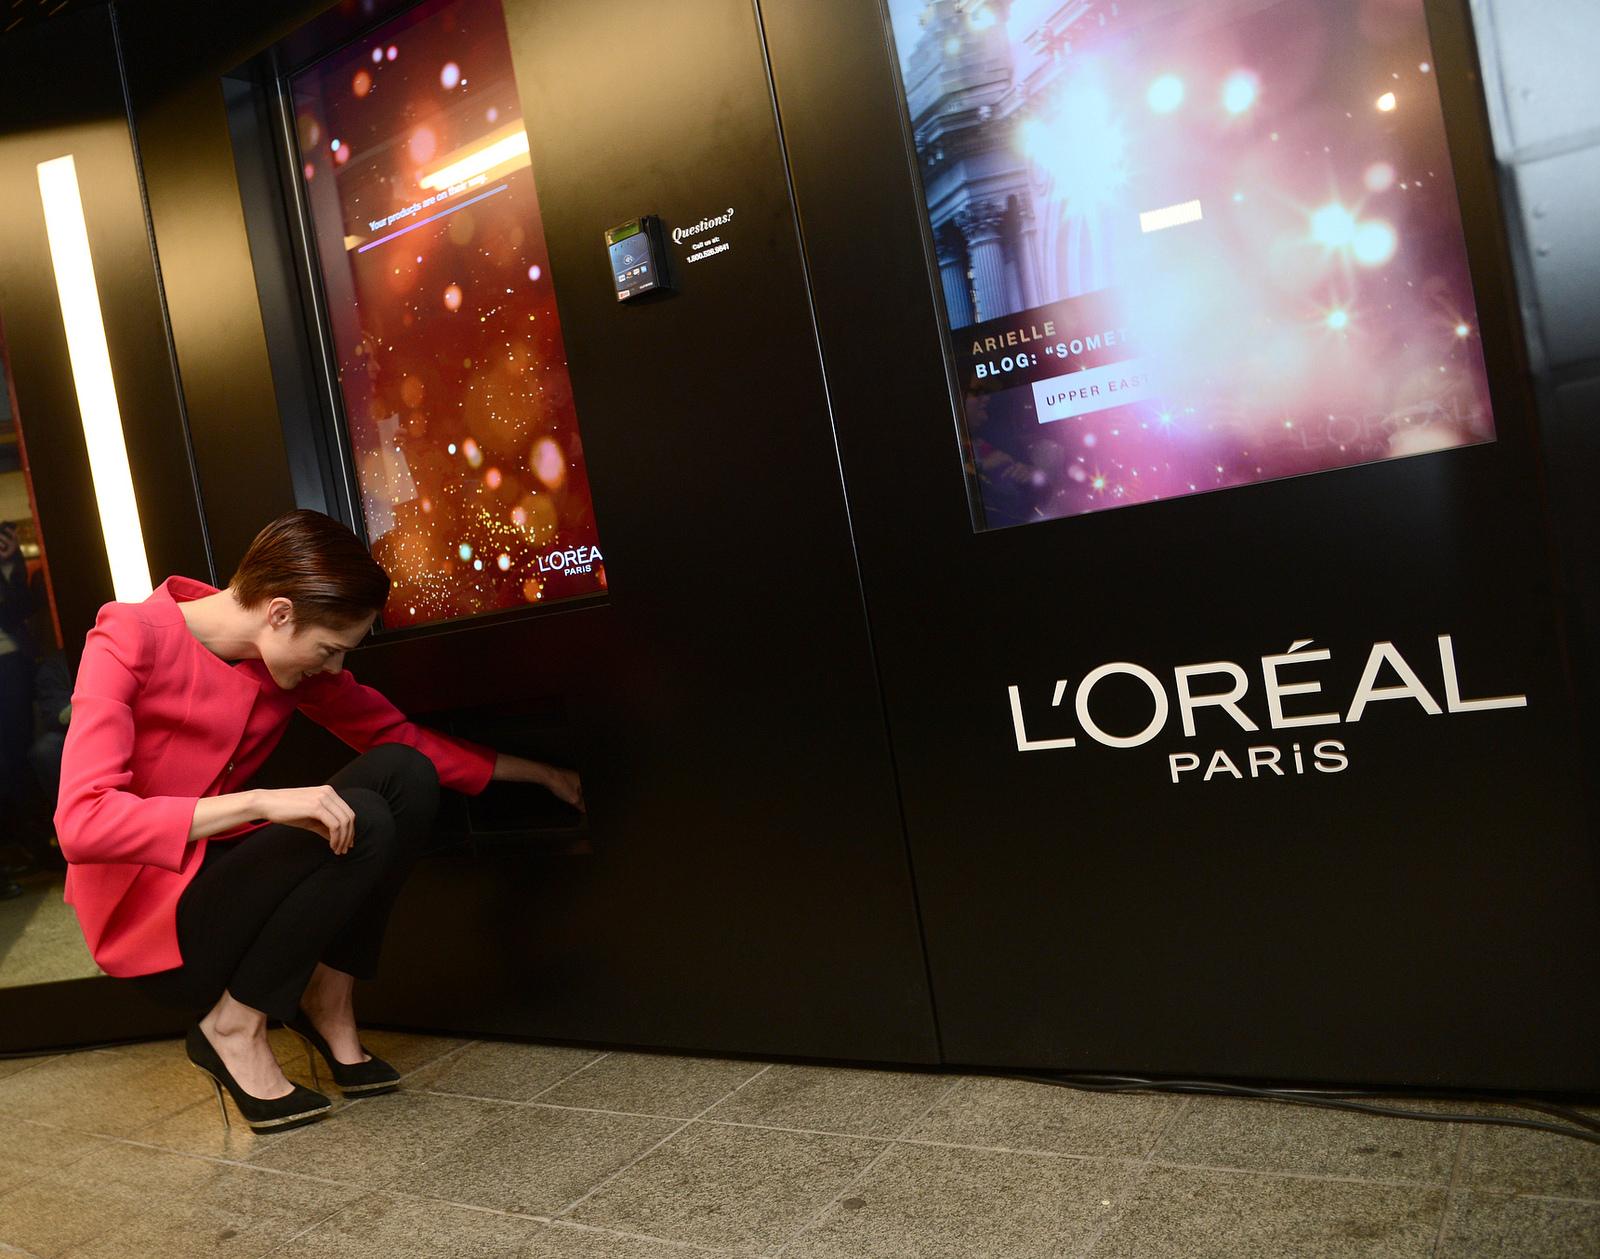 L'Oréal wins intellectual property case